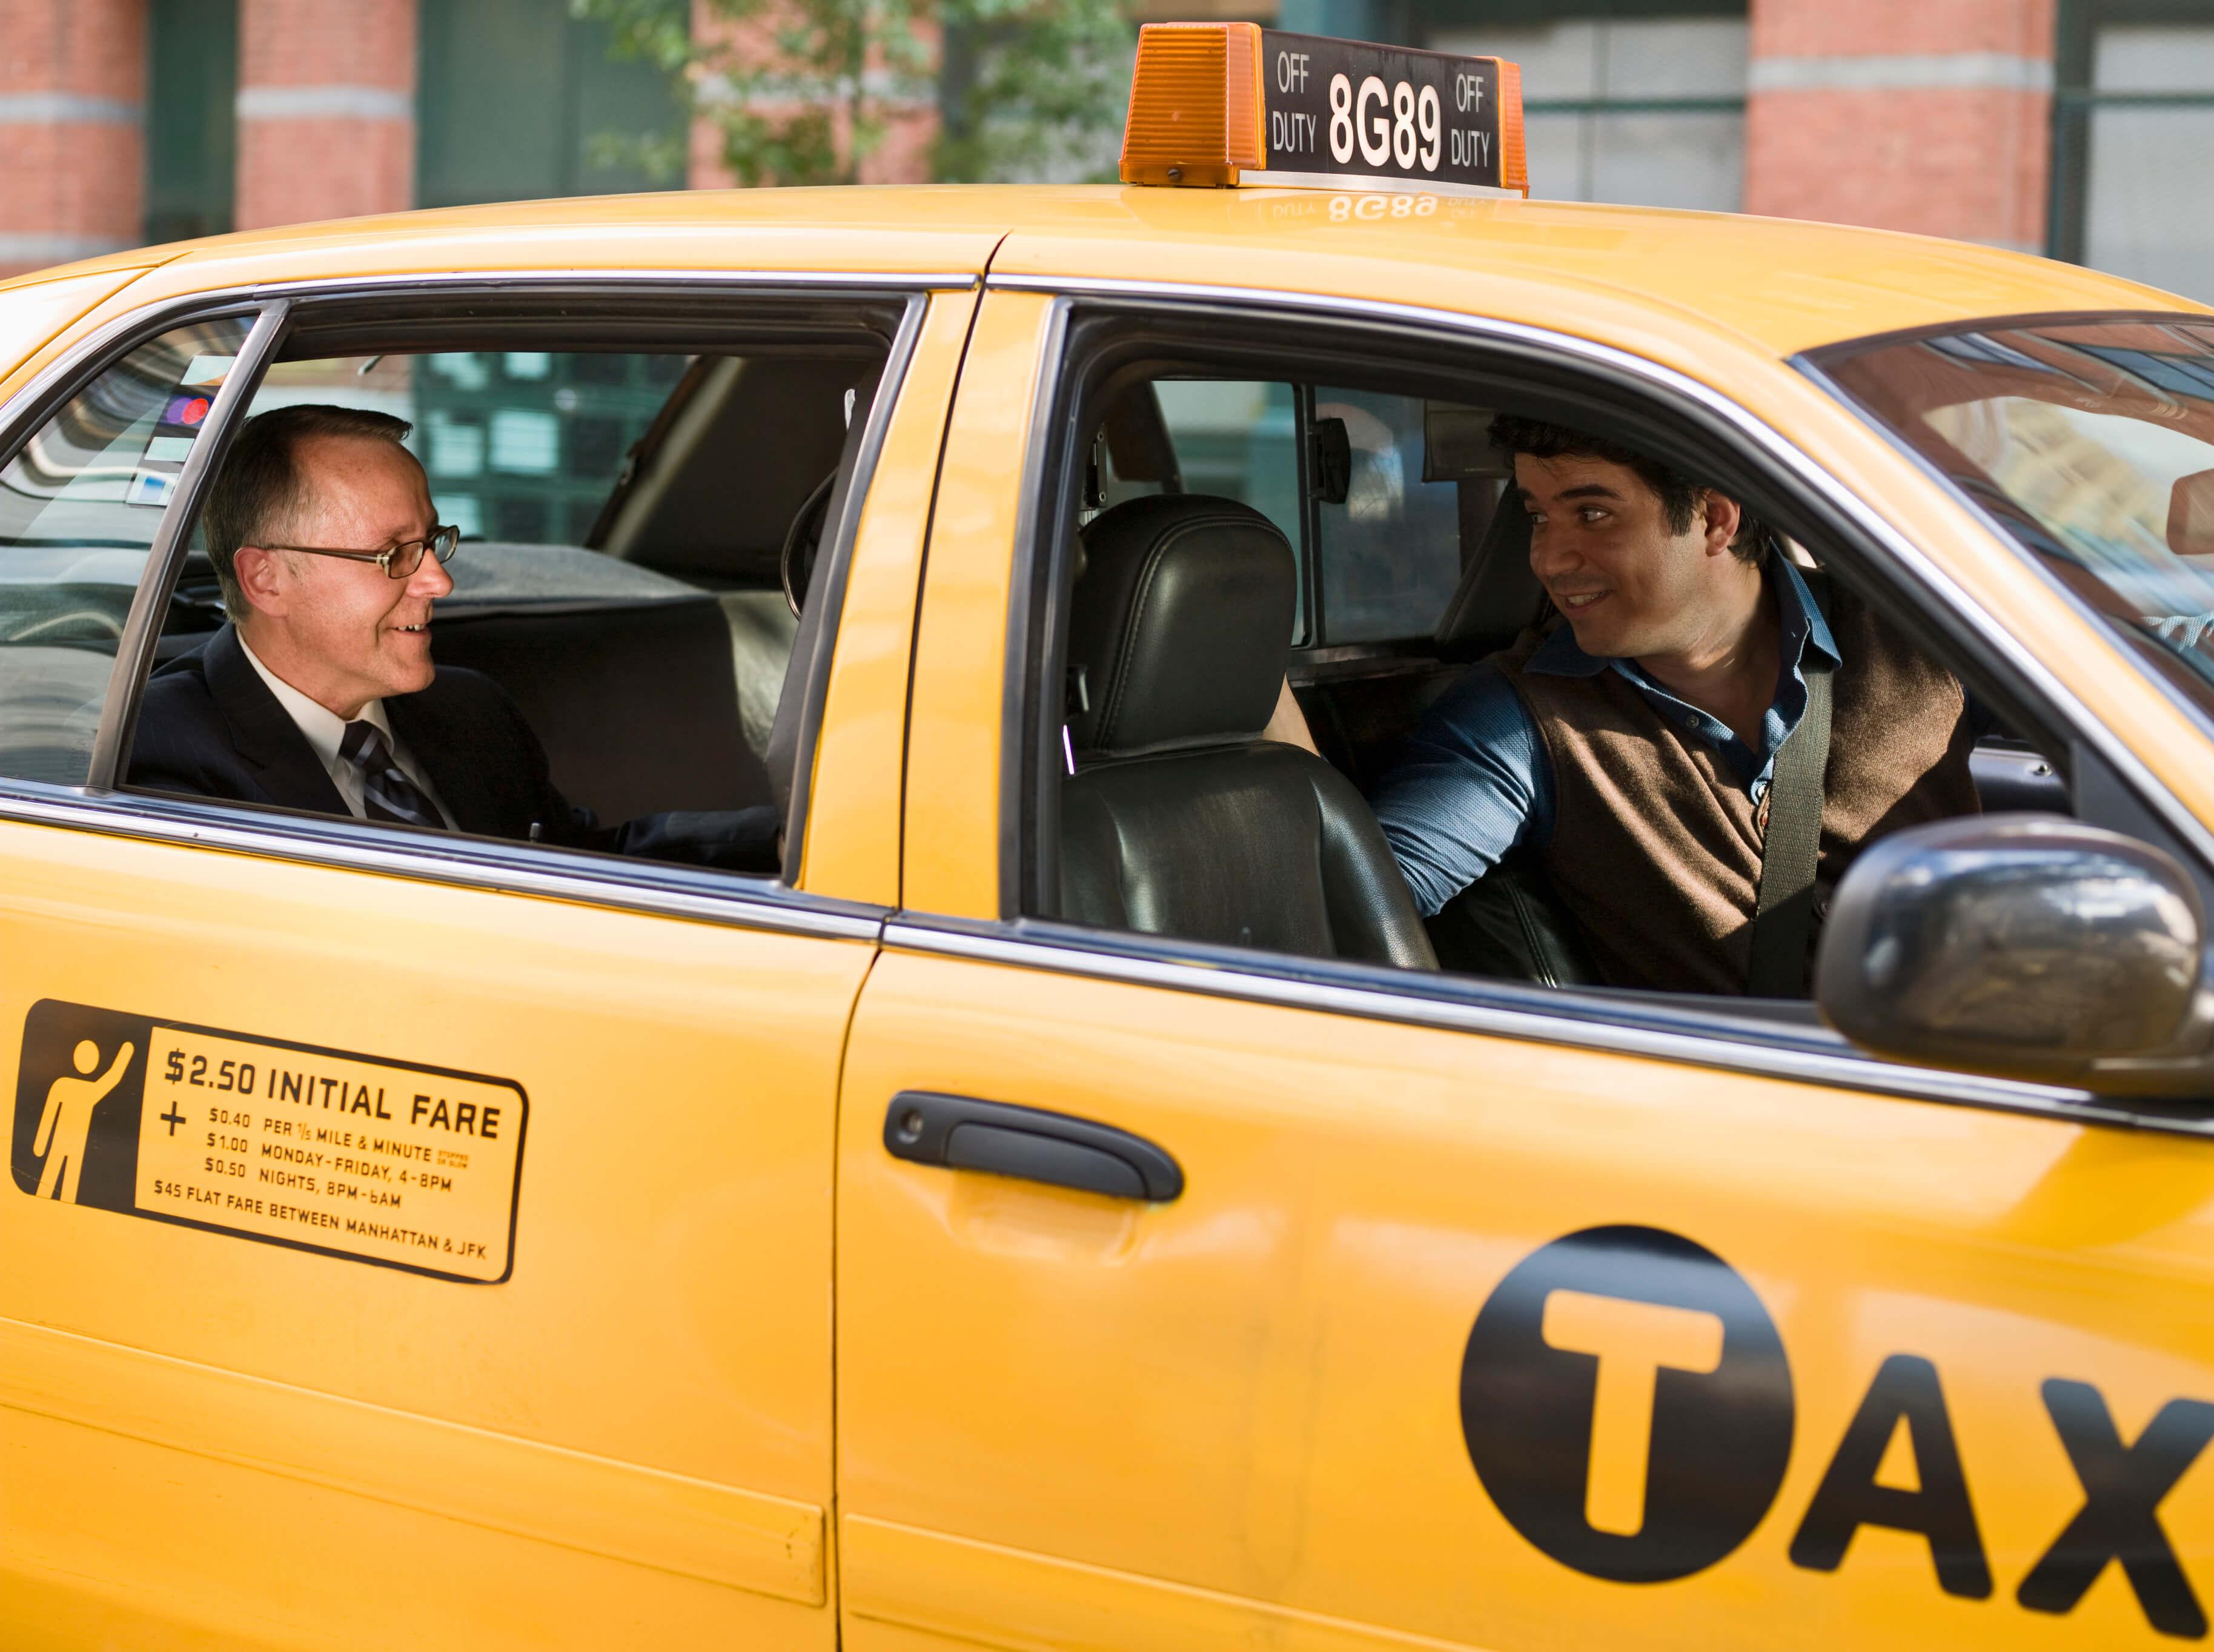 تاکسی در لبنان